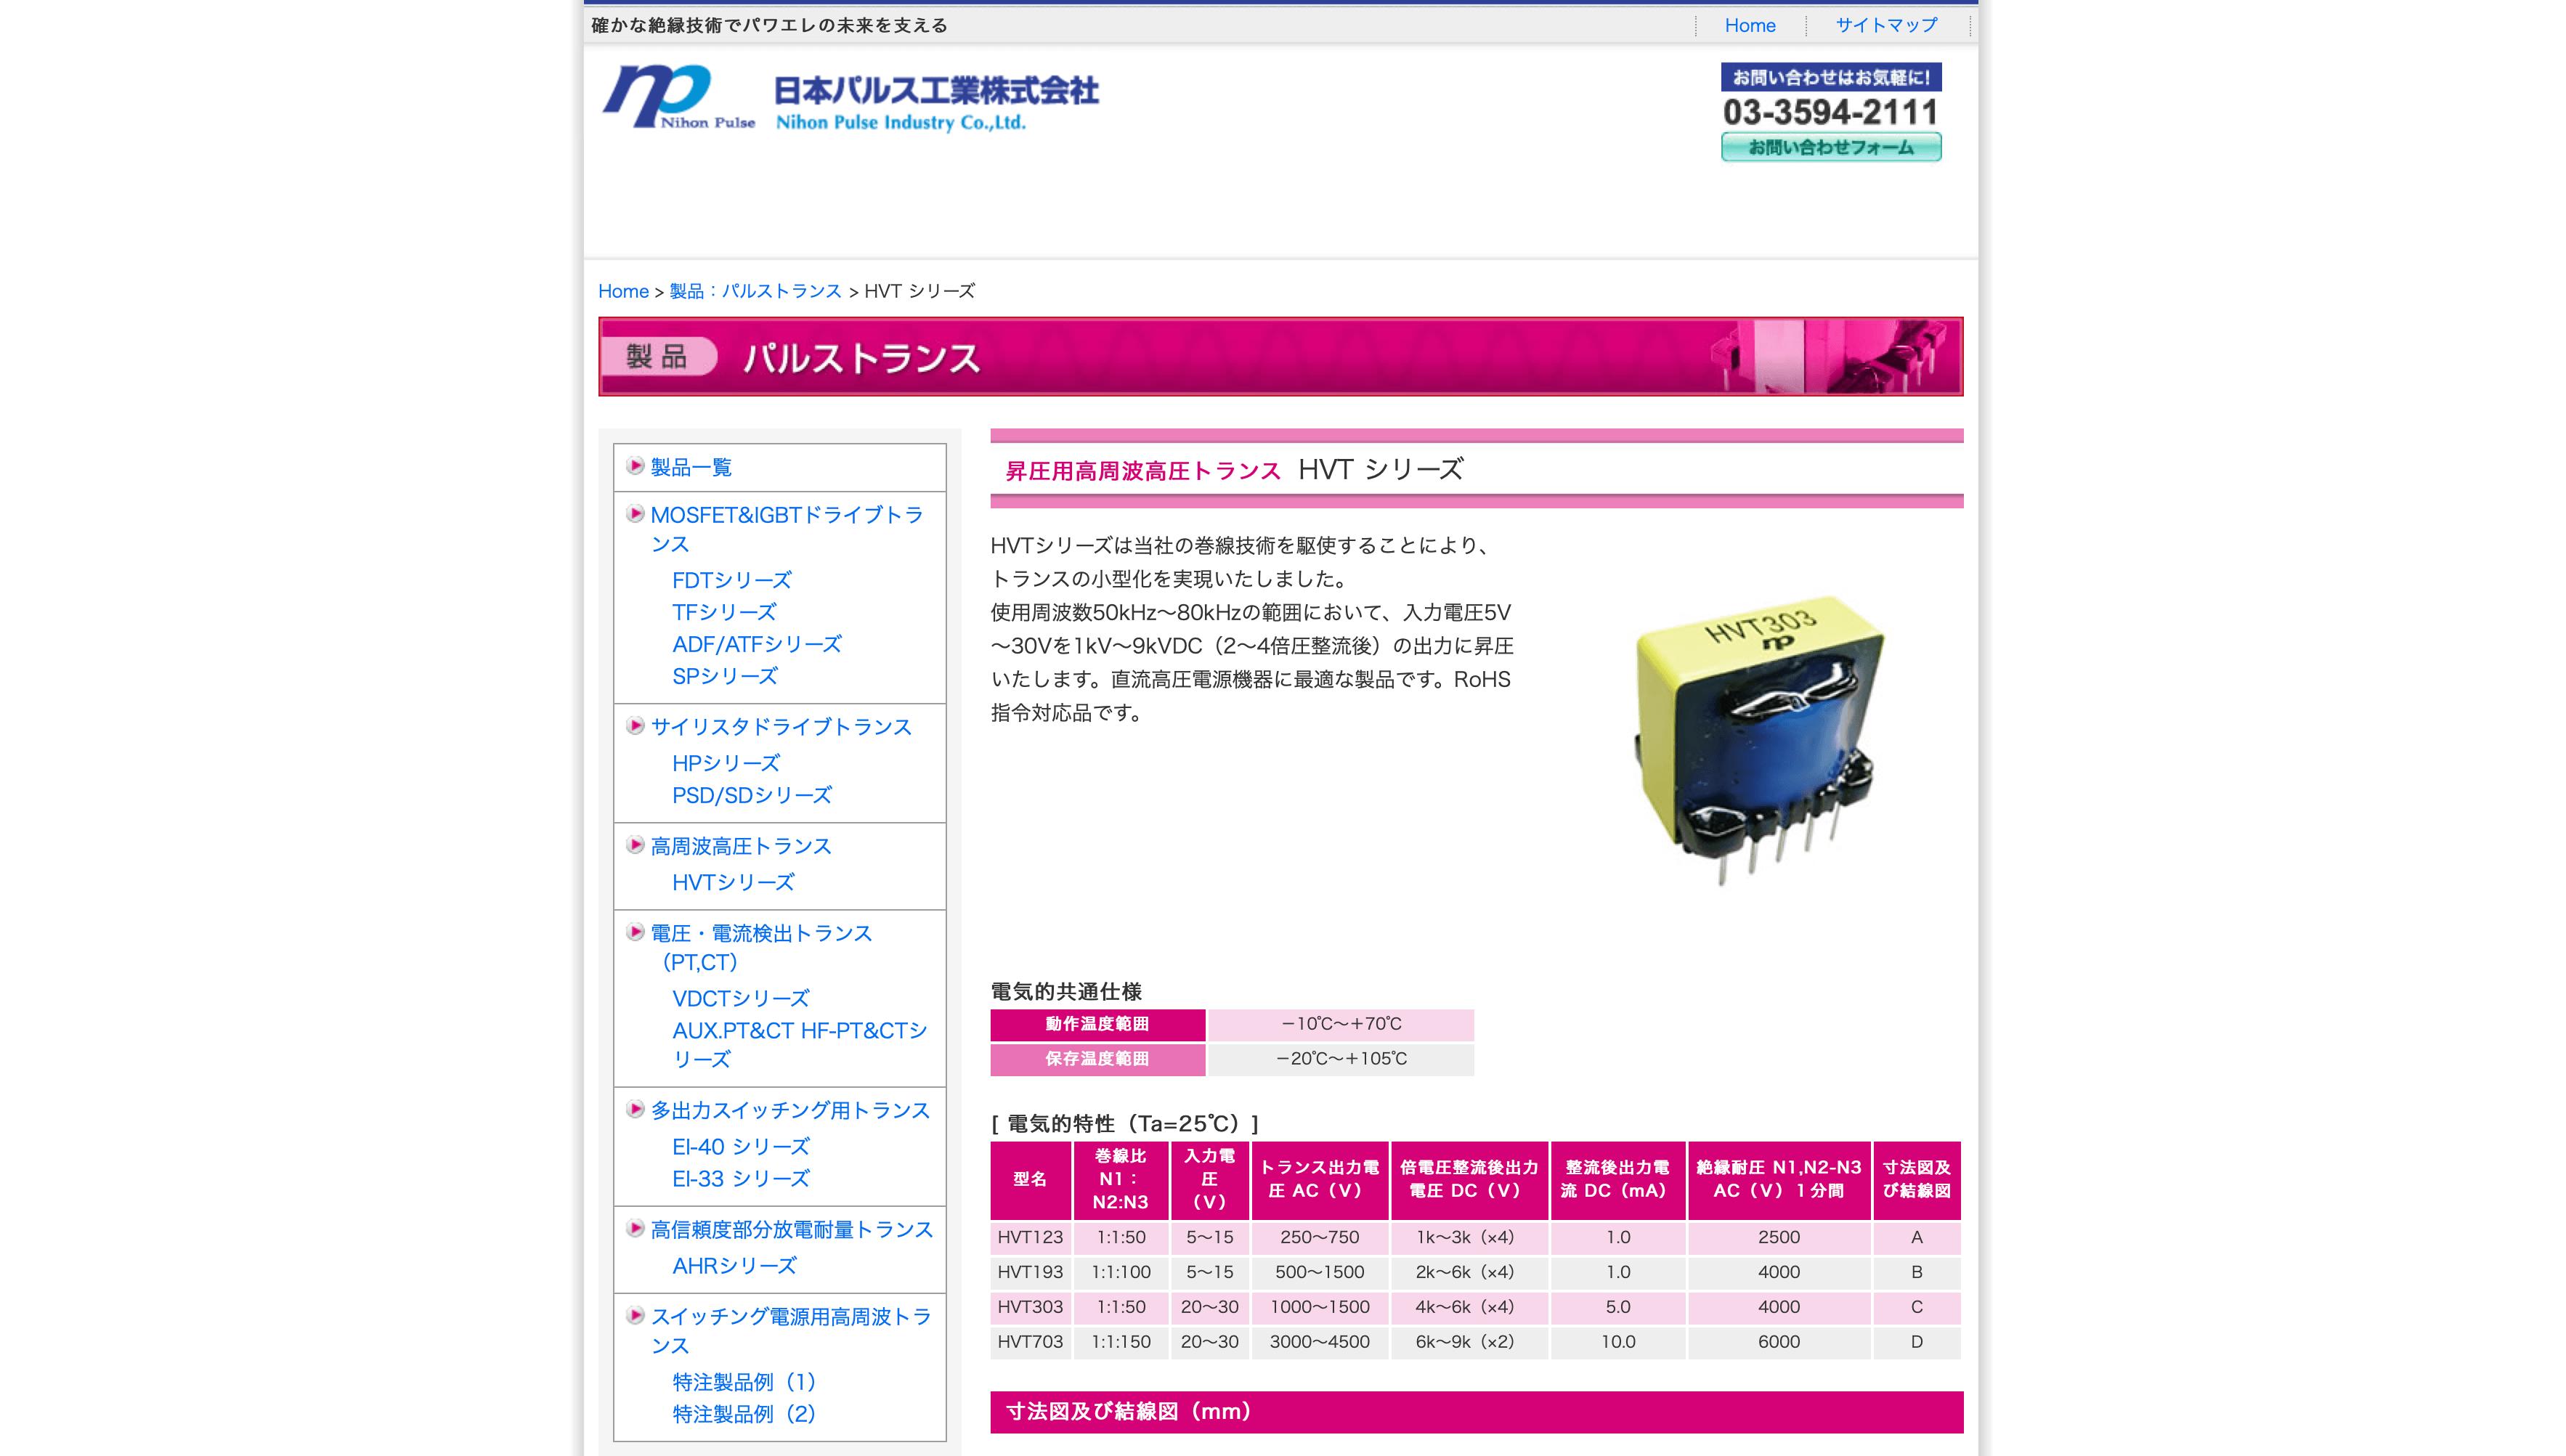 高周波高圧トランス HVT シリーズ